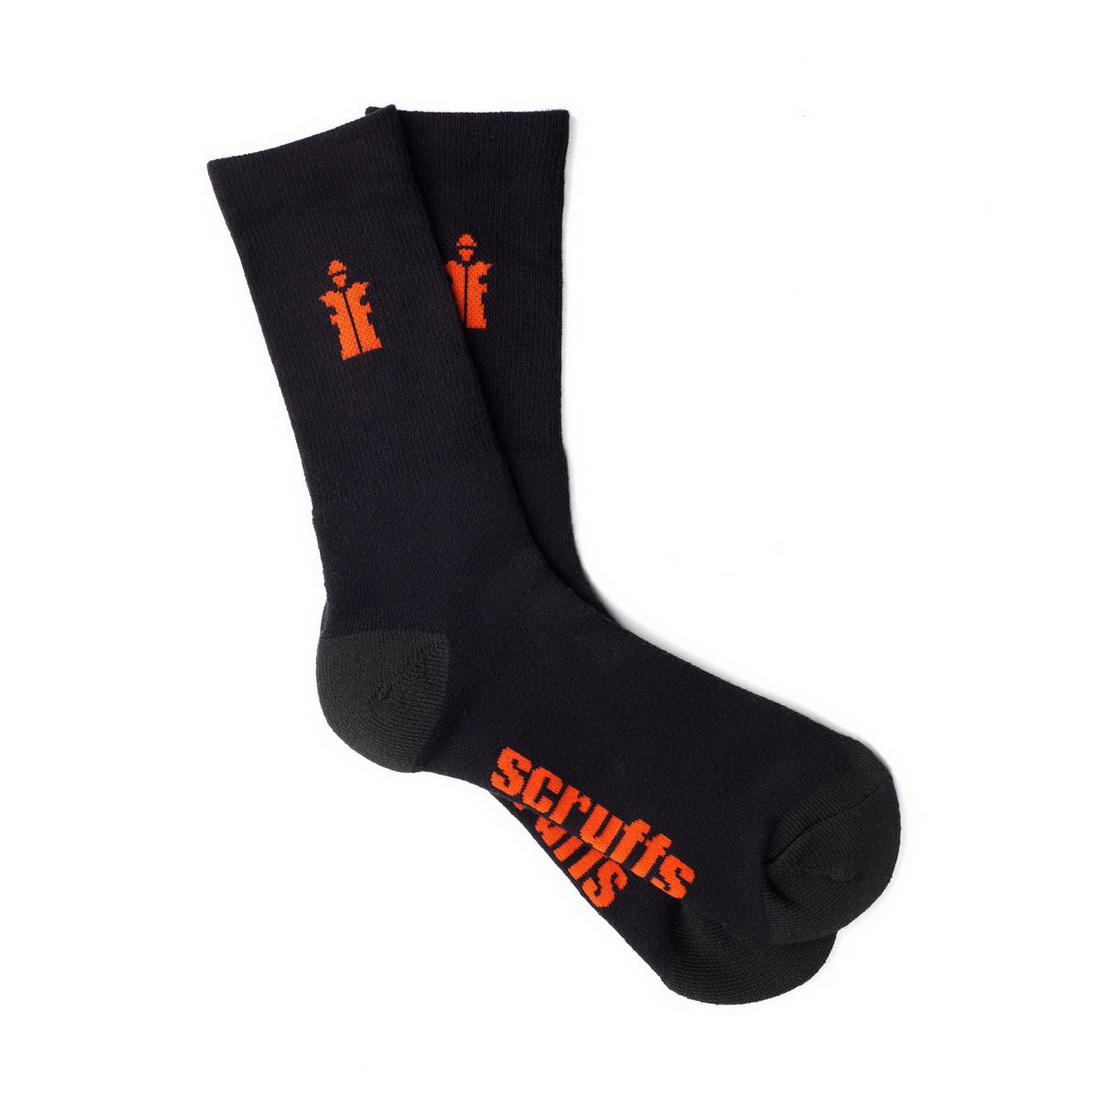 Worker Socks UK7-9.5 Black 3 Pack T53545